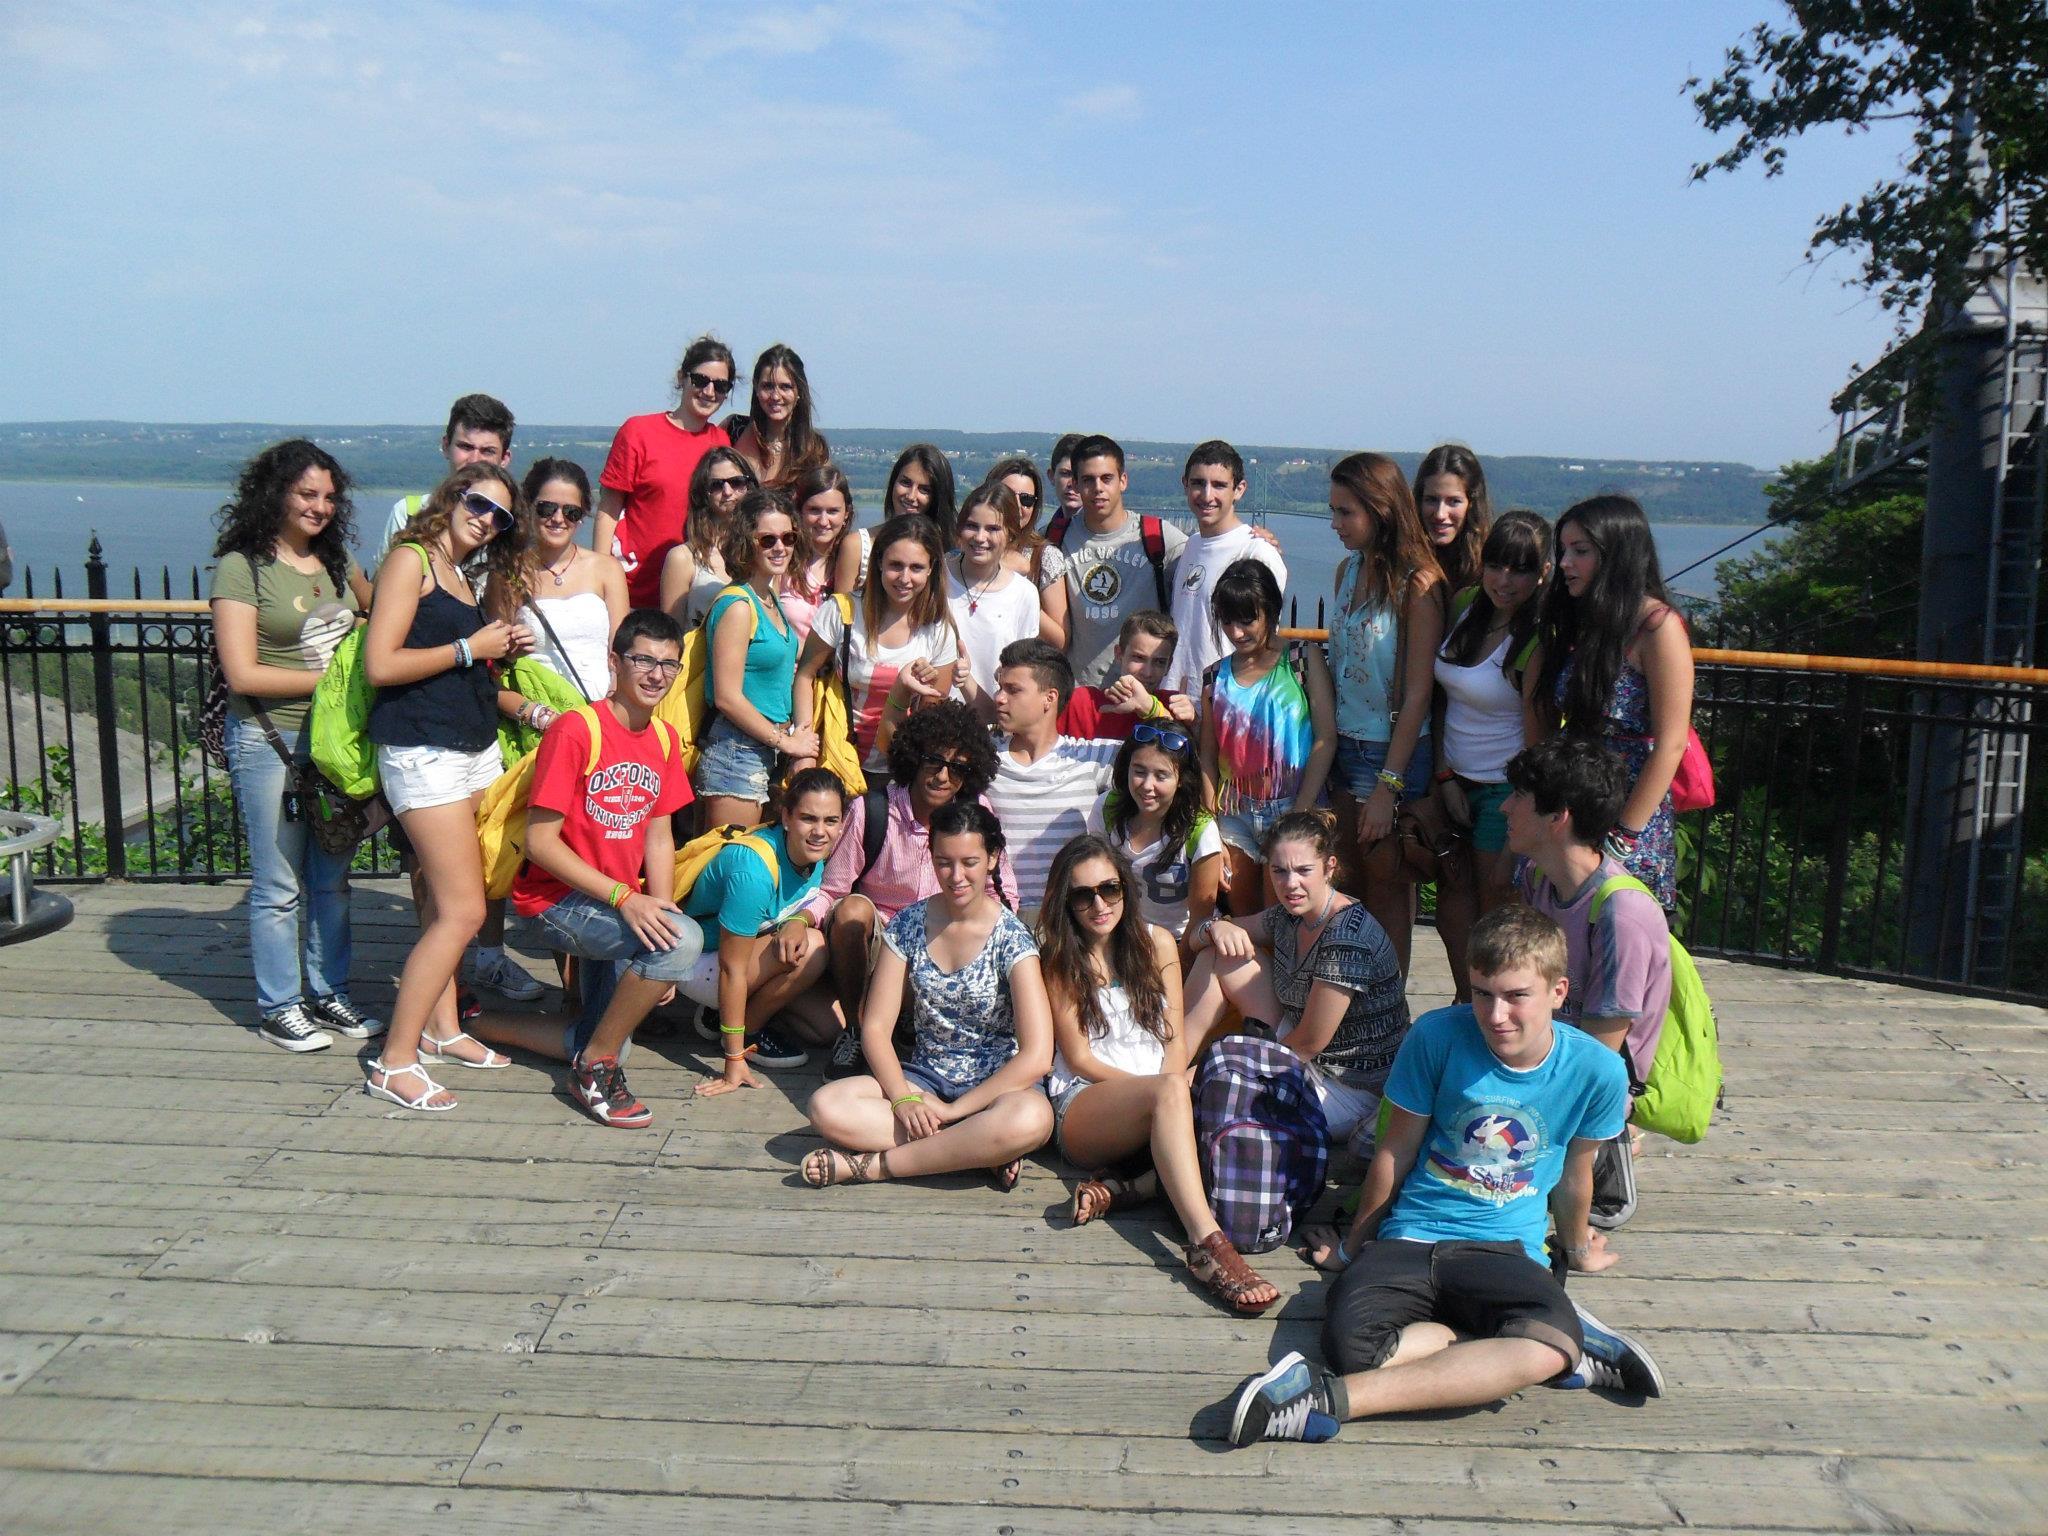 Sunny Quebec City